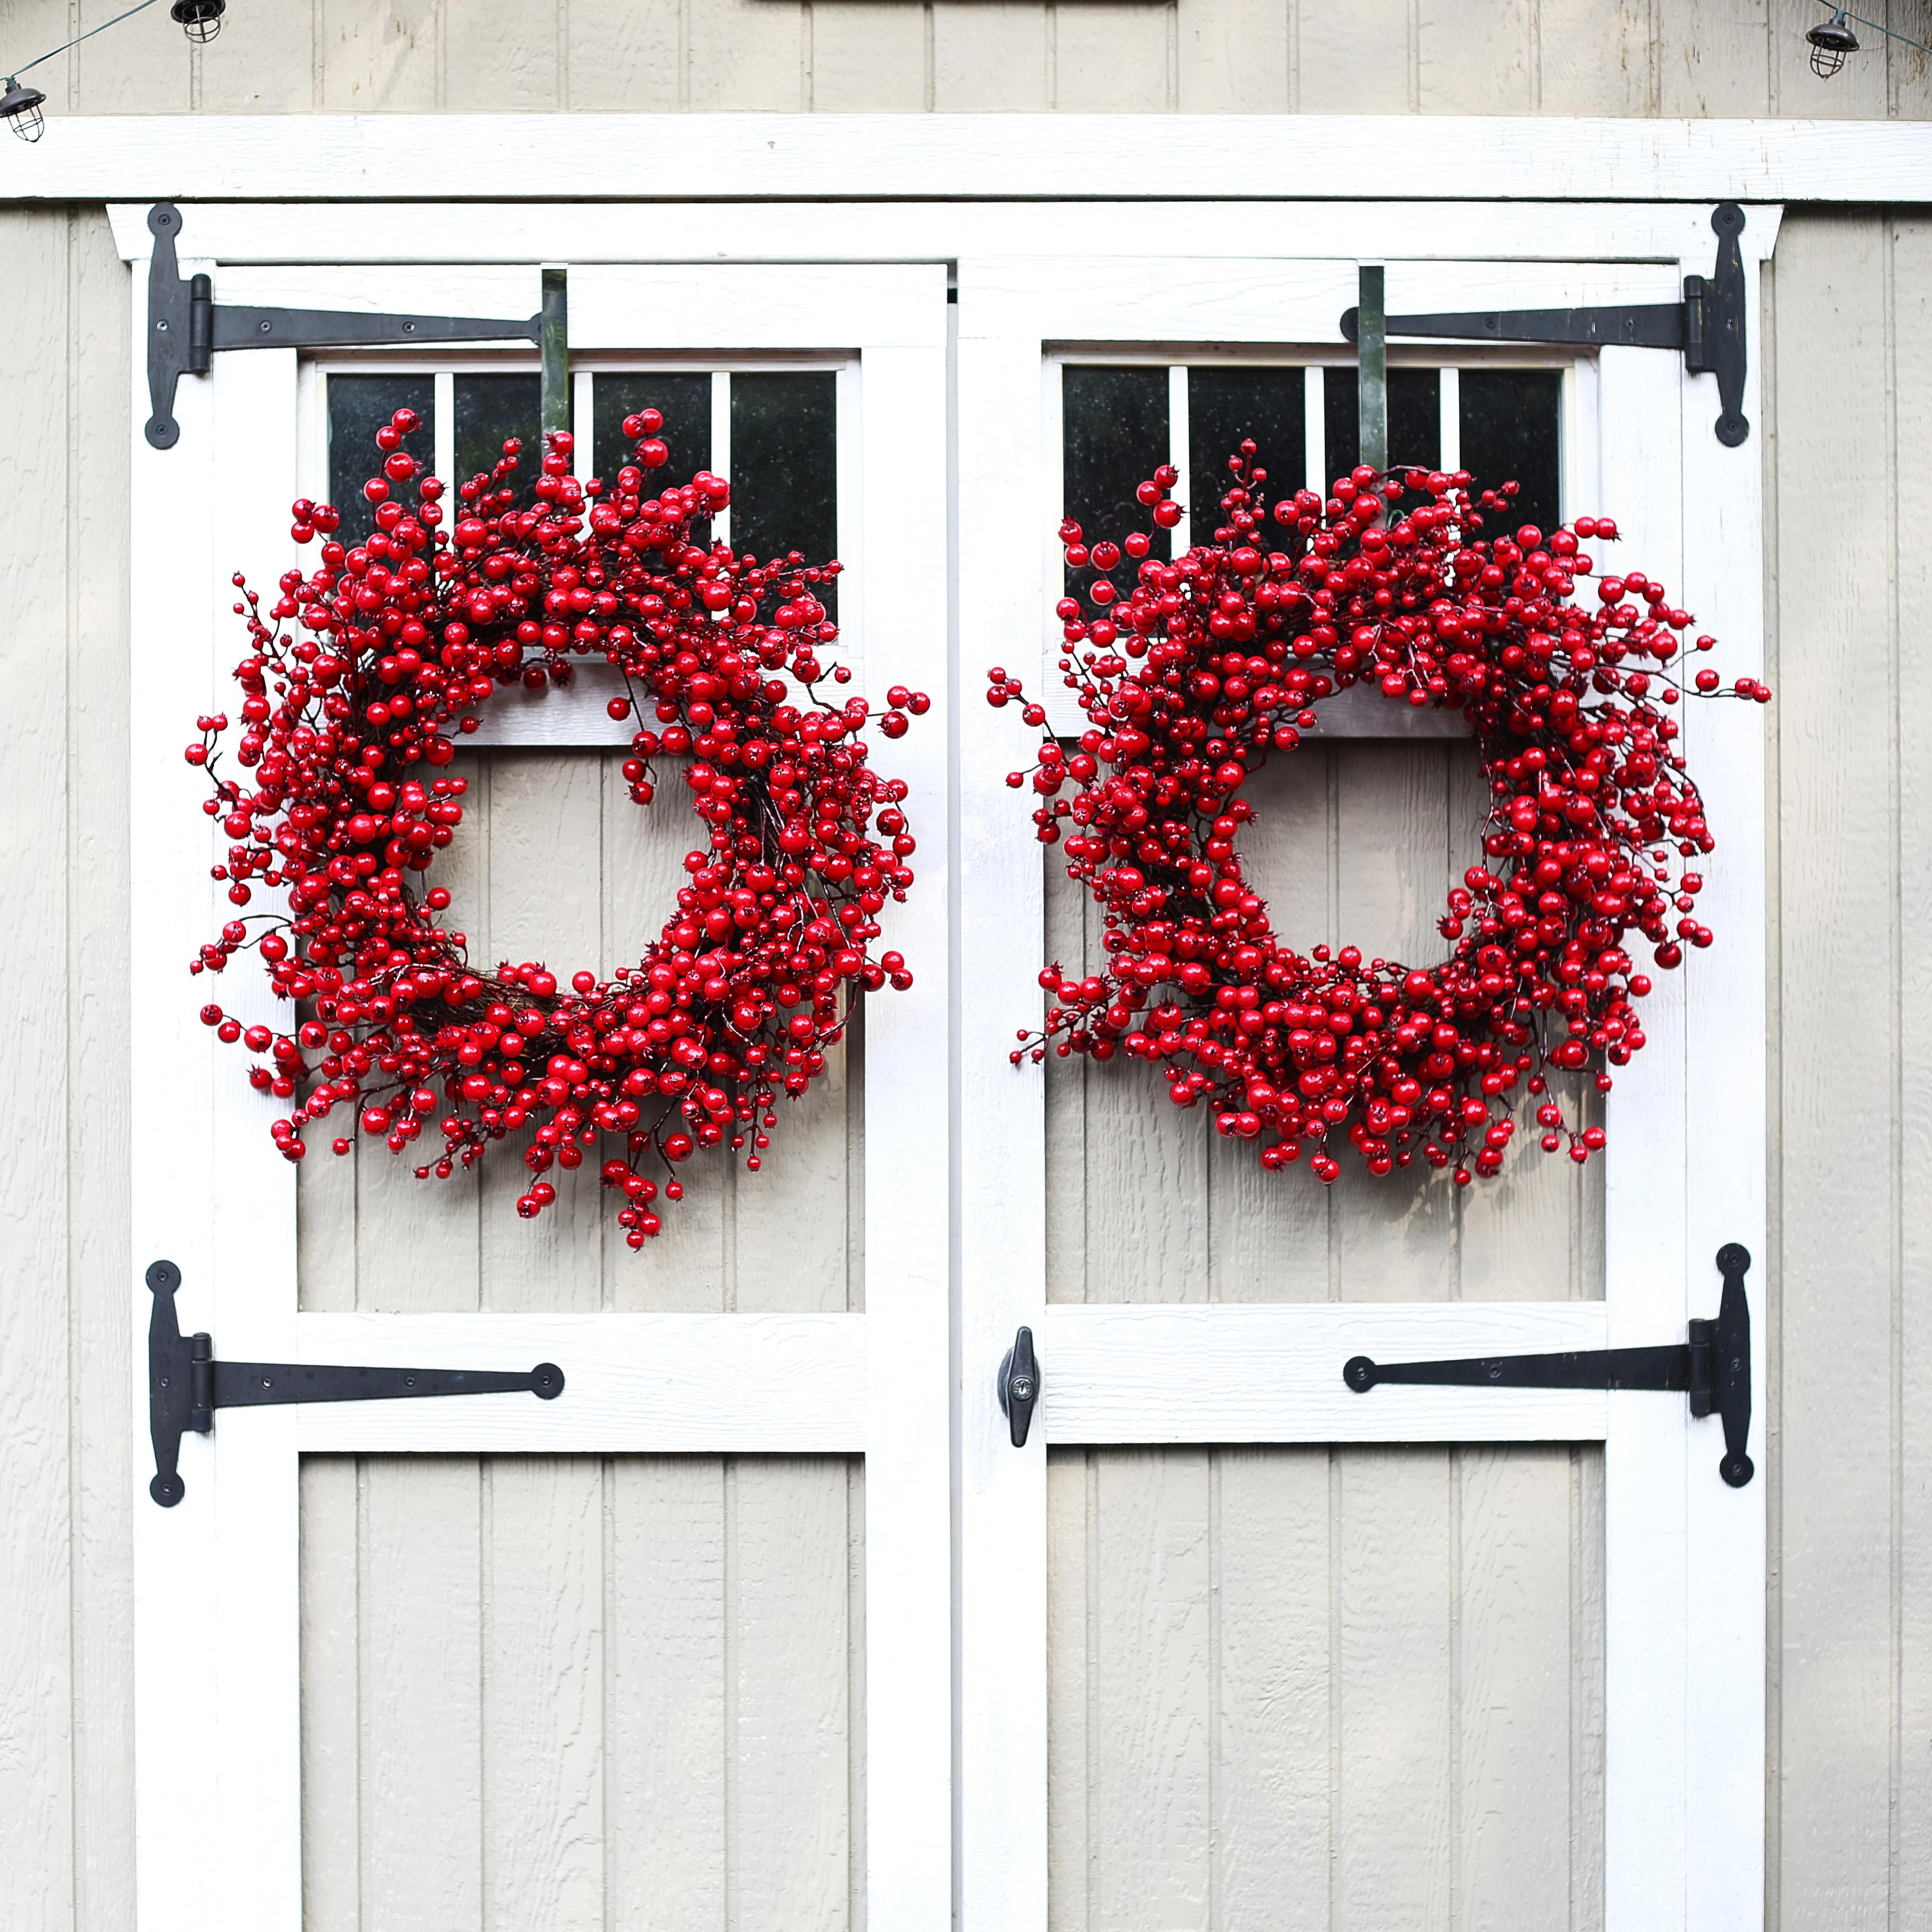 Waterproof Red Gooseberry Christmas Front Door Wreath 28 Inch